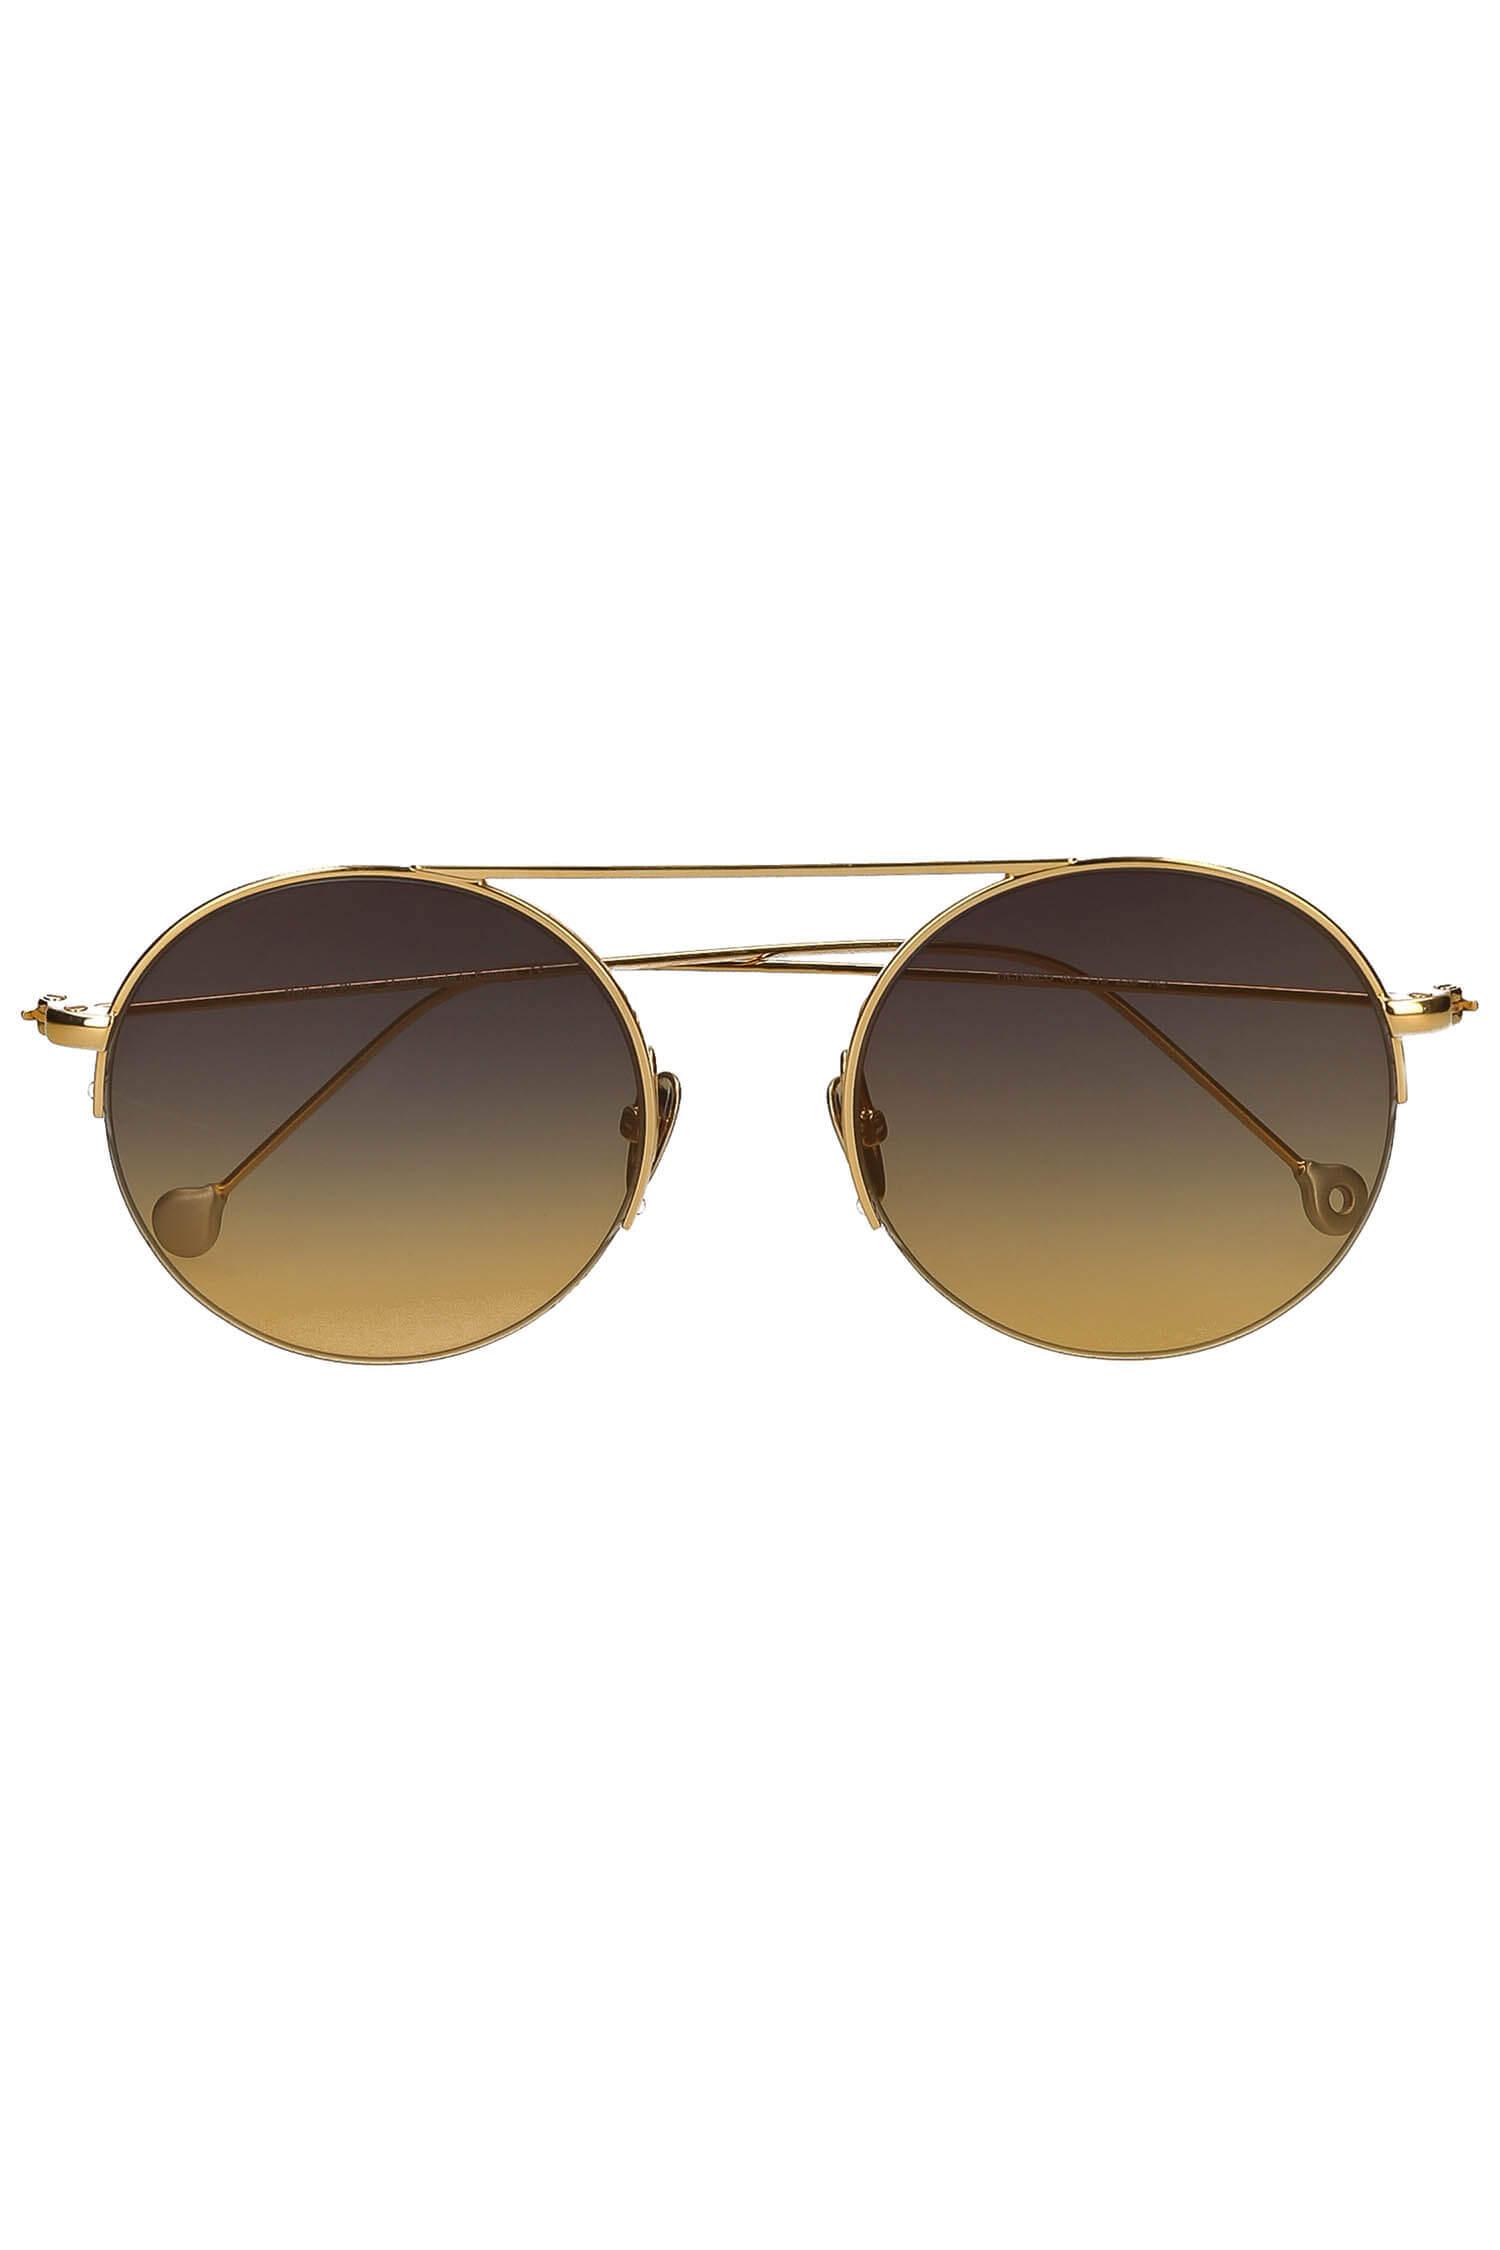 9494a96d82 ... Lunettes de soleil Hermes or jaune palladium. Appuyez pour zoomer